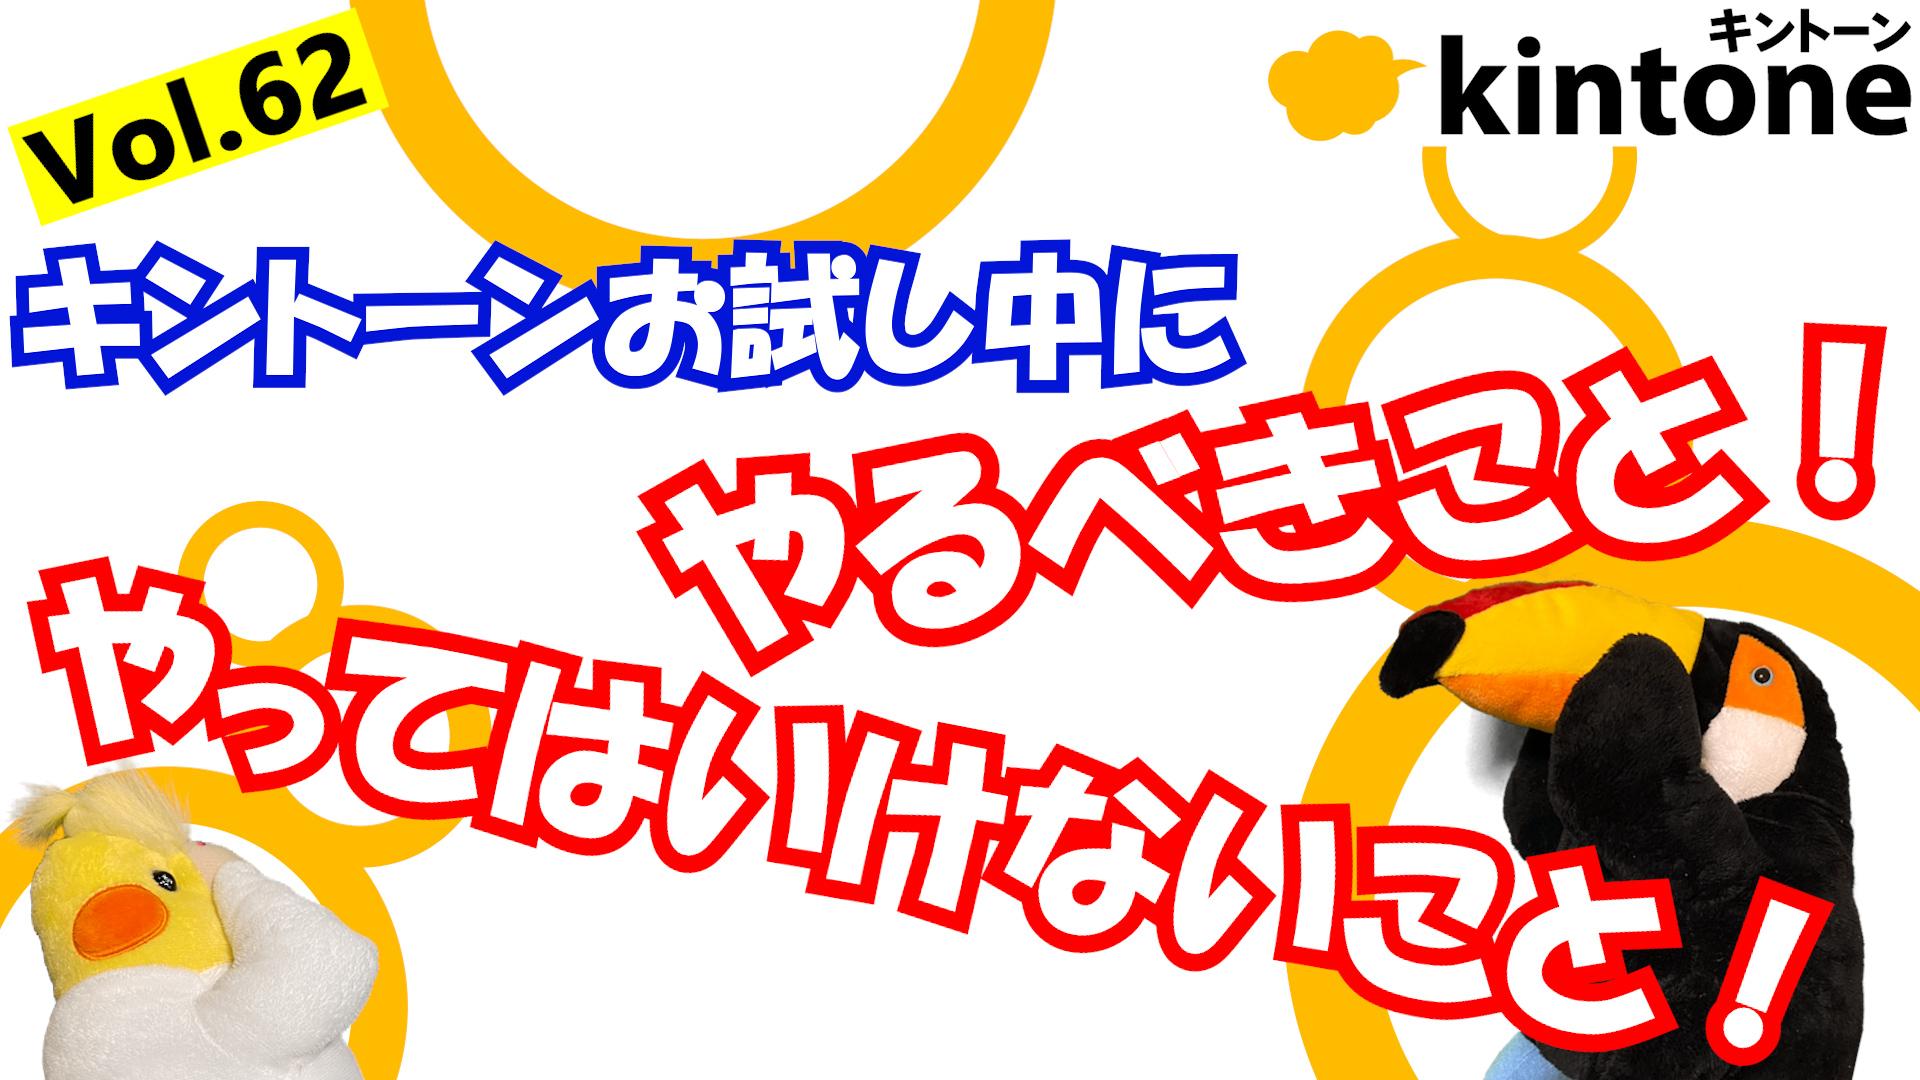 【前編】kintoneコンサルが執筆するお試し期間でやるべきコト!【動画】